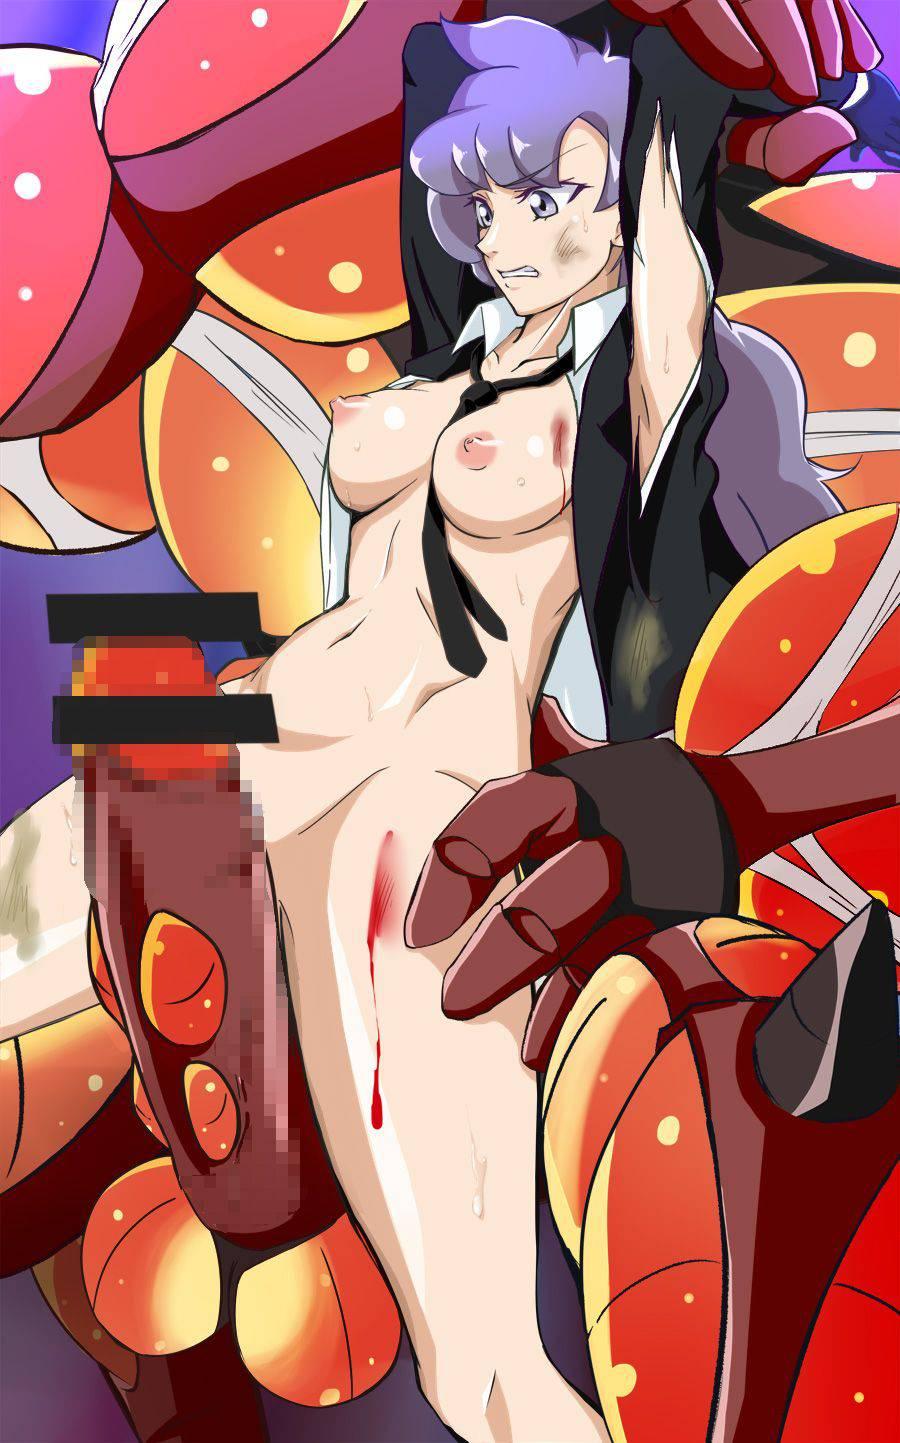 【ポケモンSM】リラのエロ画像【ポケットモンスター サン・ムーン】【7】